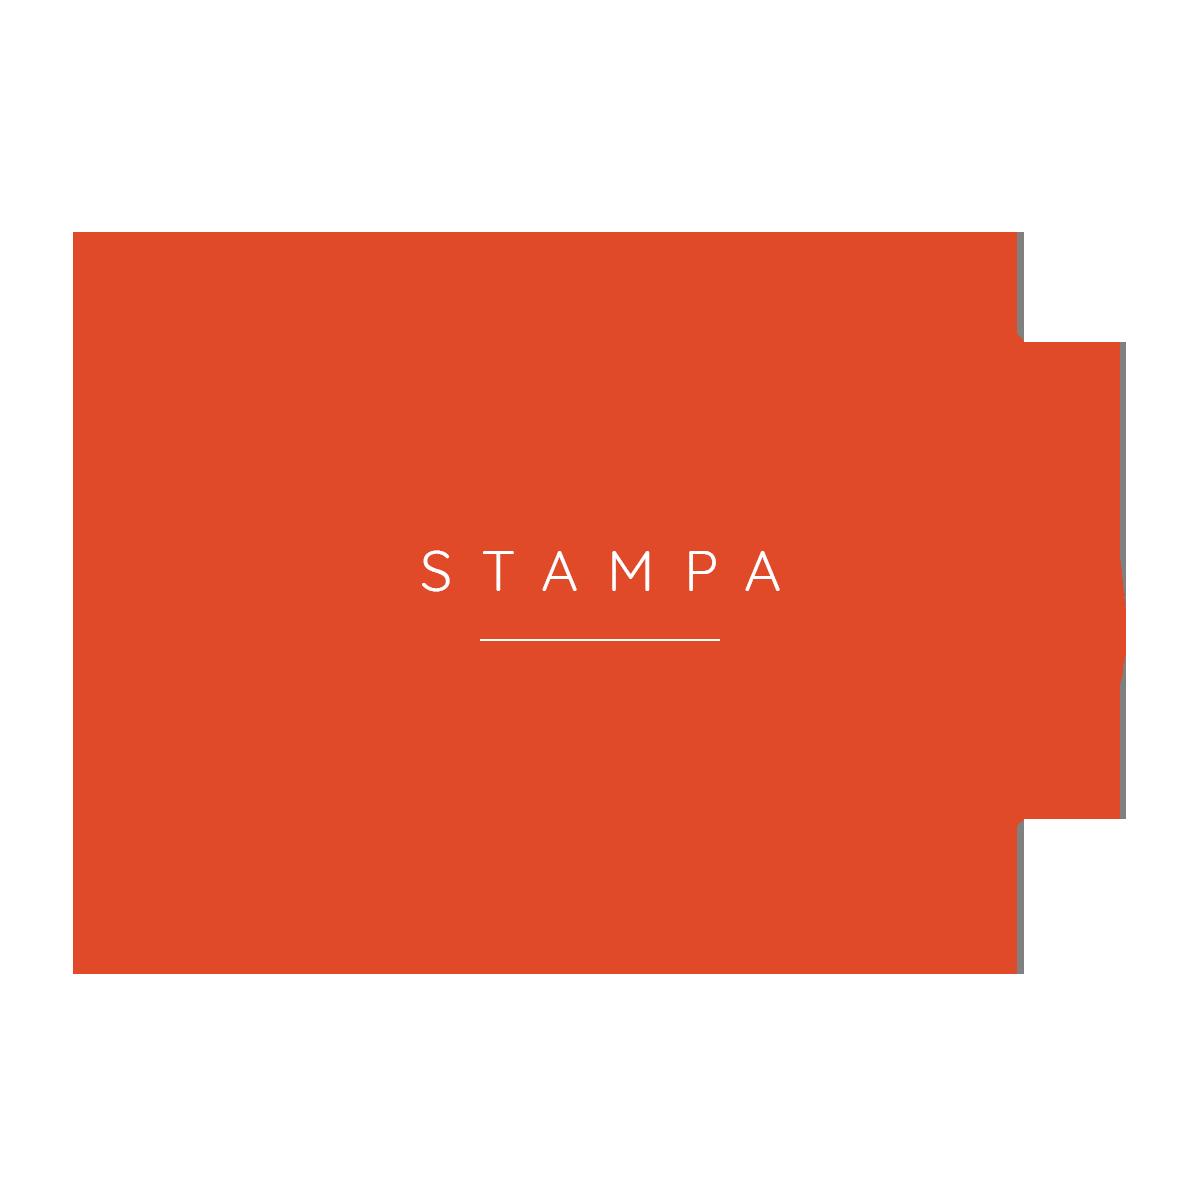 FSC_Text-STAMPA-Orange